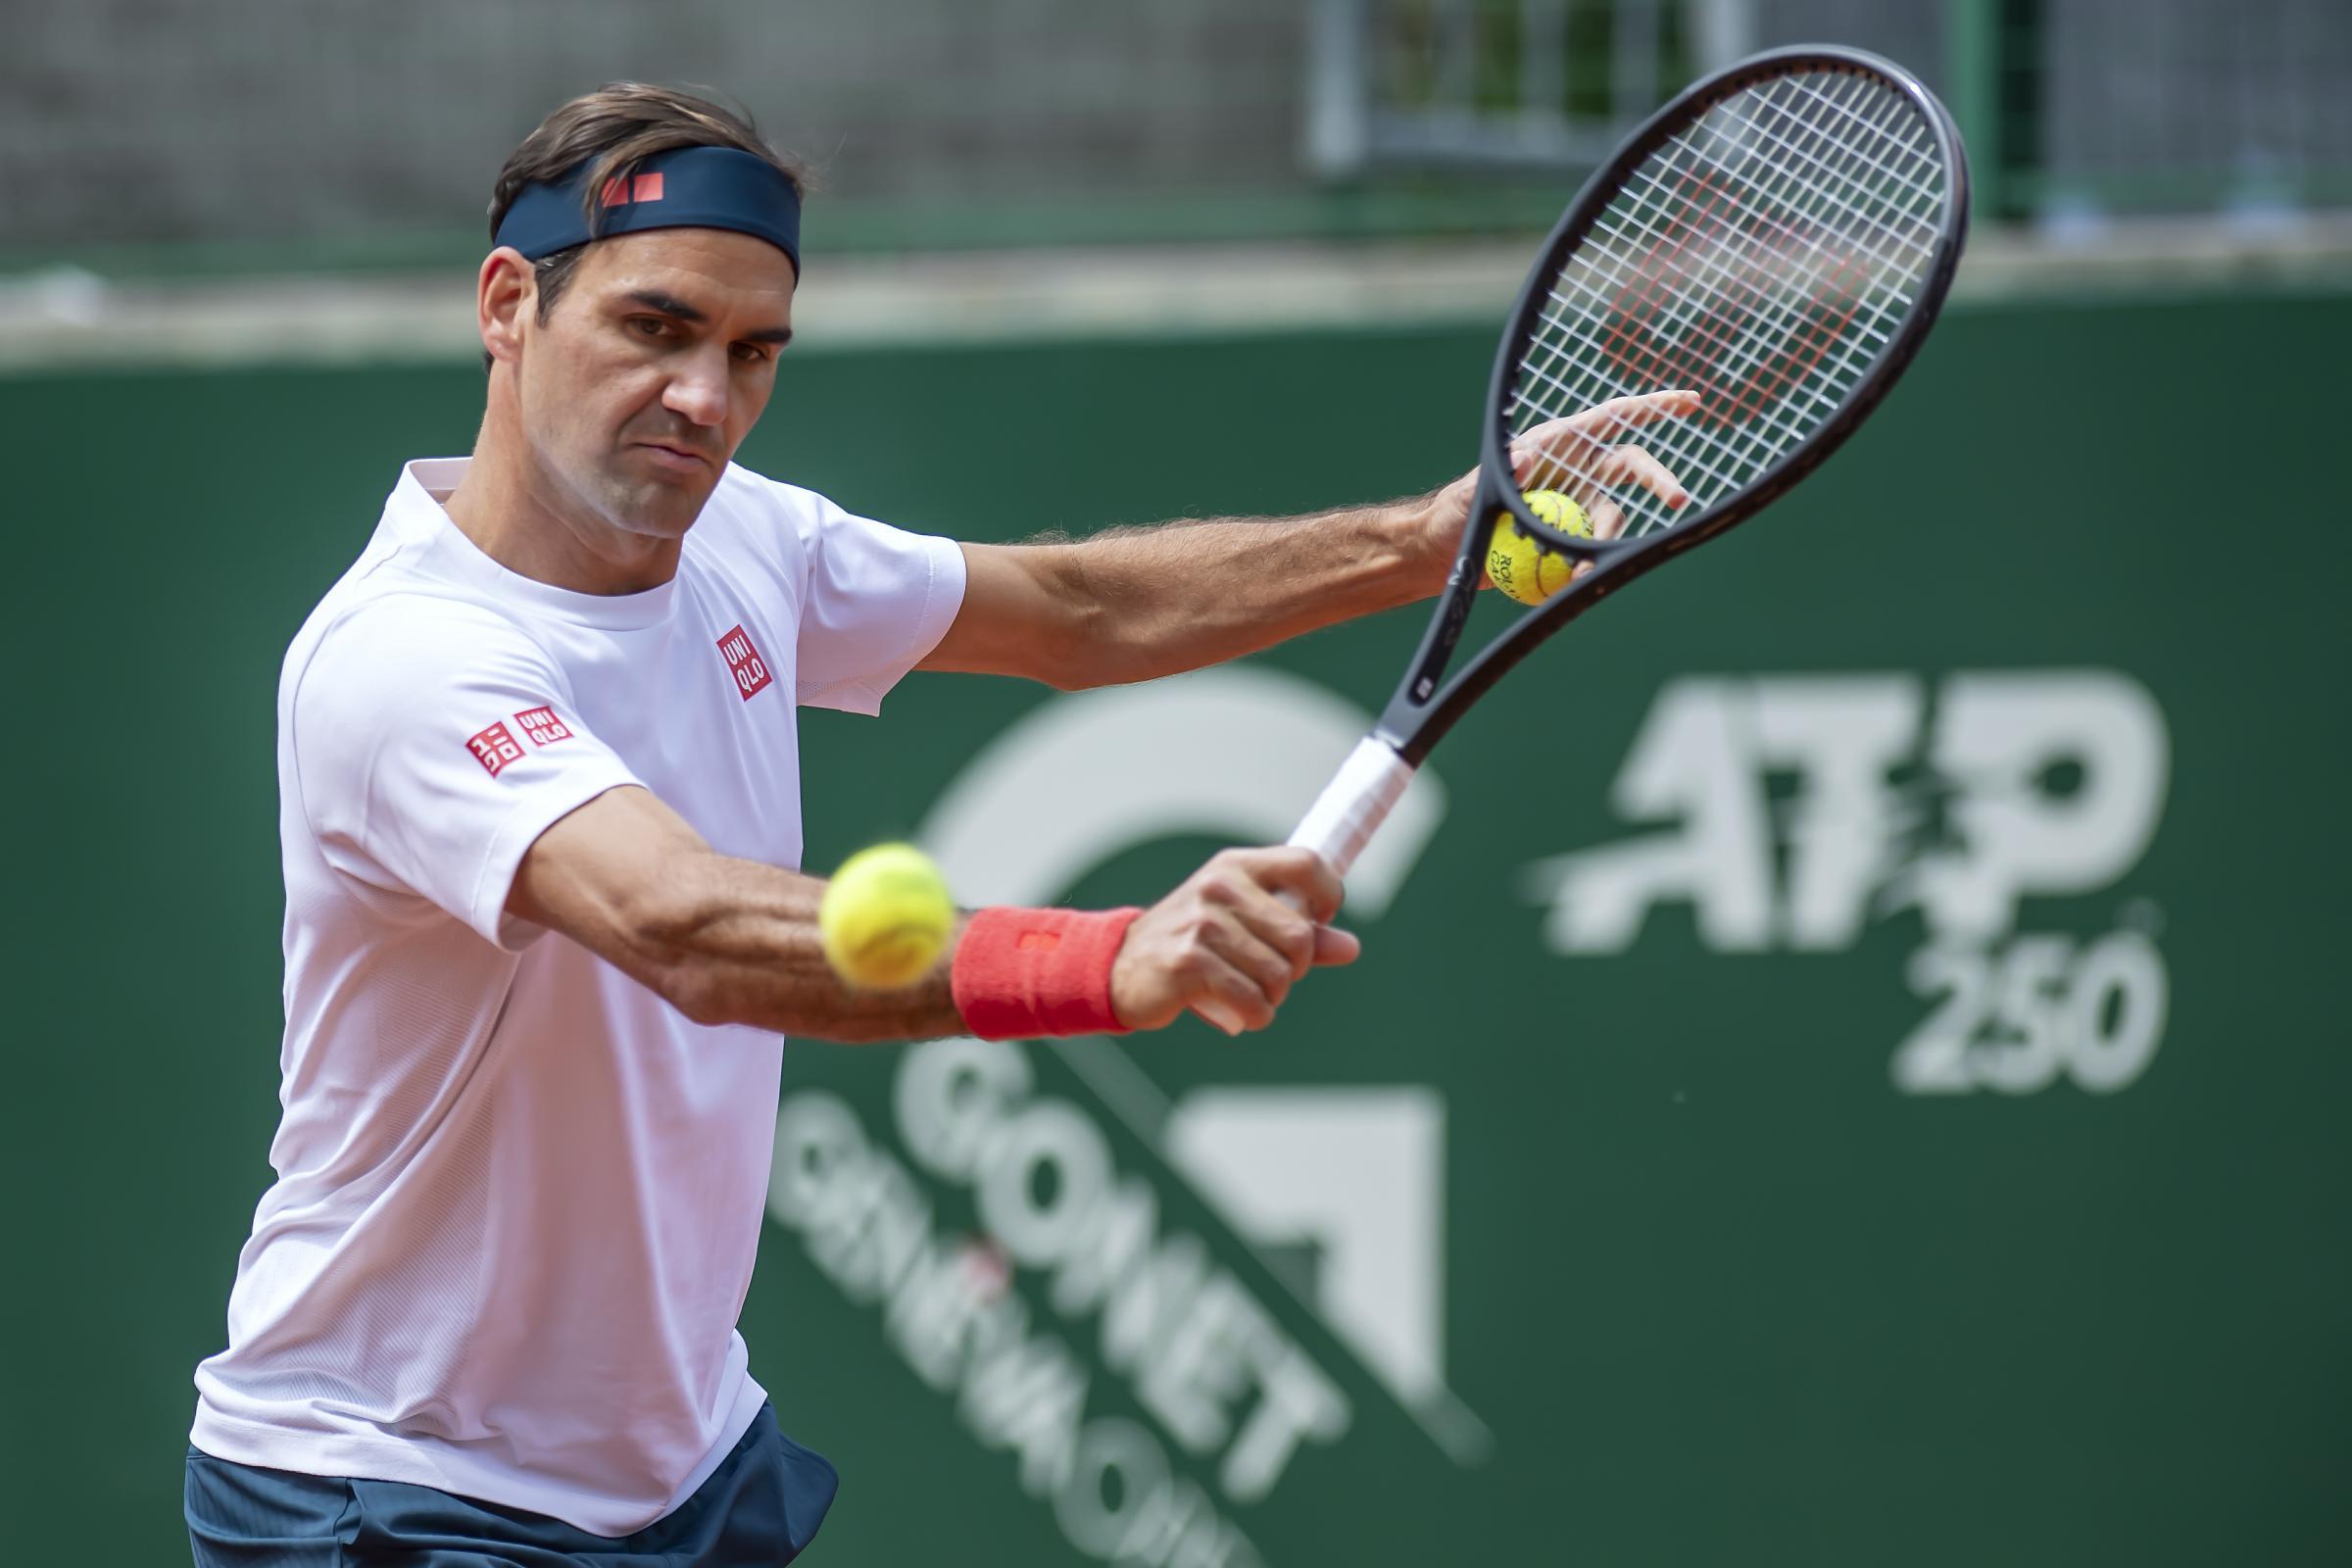 LIVE Federer Andujar 4 6, ATP Ginevra in DIRETTA: lo svizzero perde il servizio e lo spagnolo conquista il primo set!